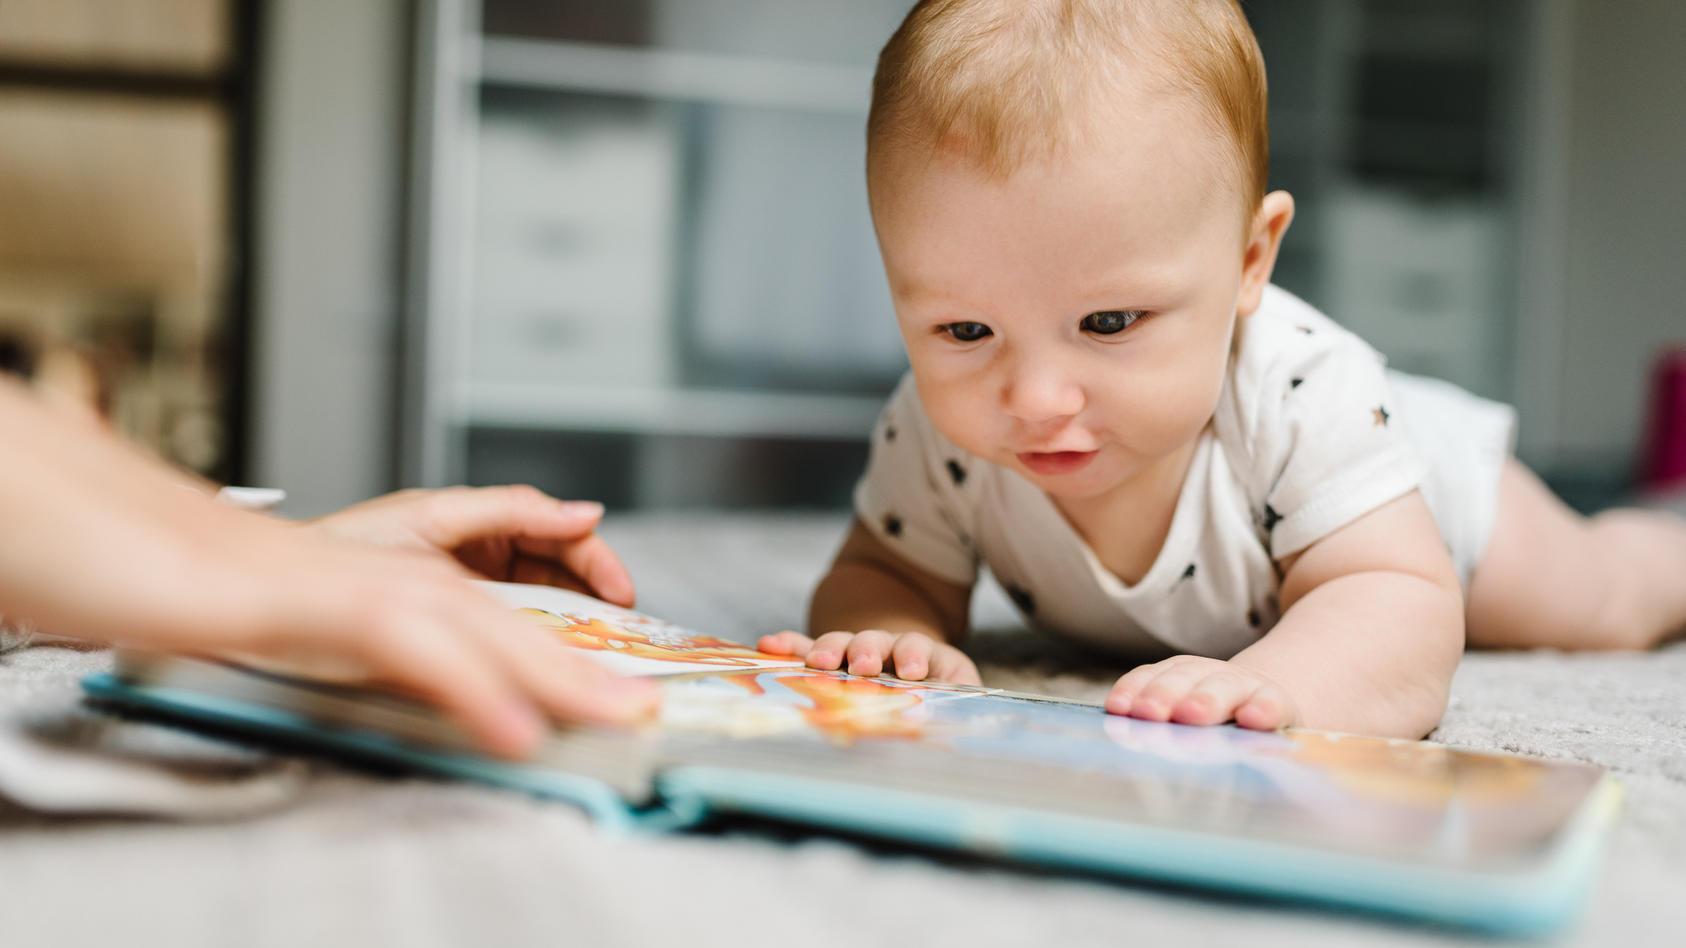 Rapex warnt: In Badebüchern für Kleinkinder sind giftige Chemikalien enthalten.